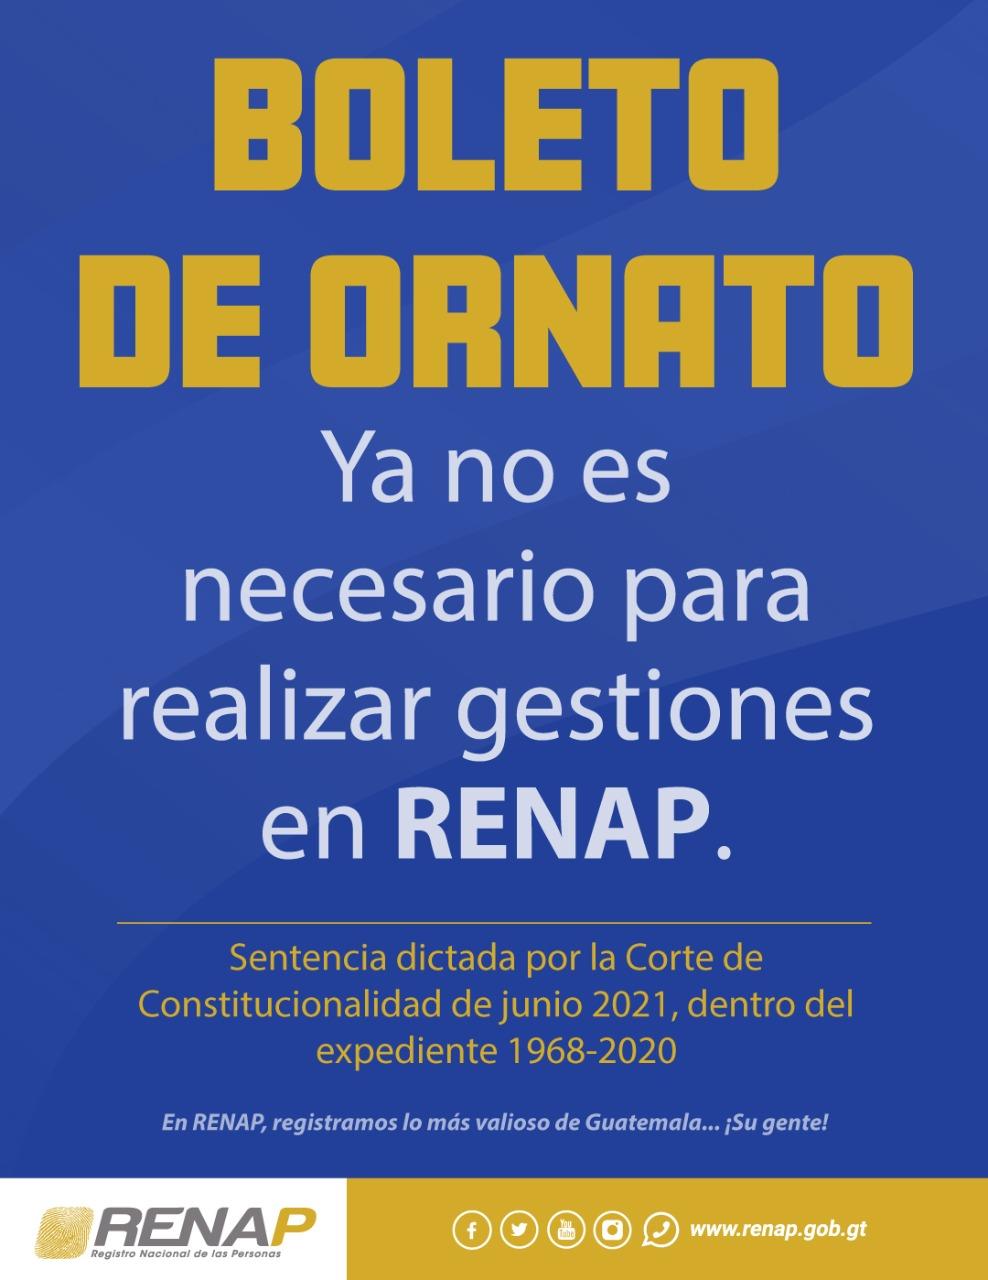 Boleto de Ornato ya no es necesario en RENAP